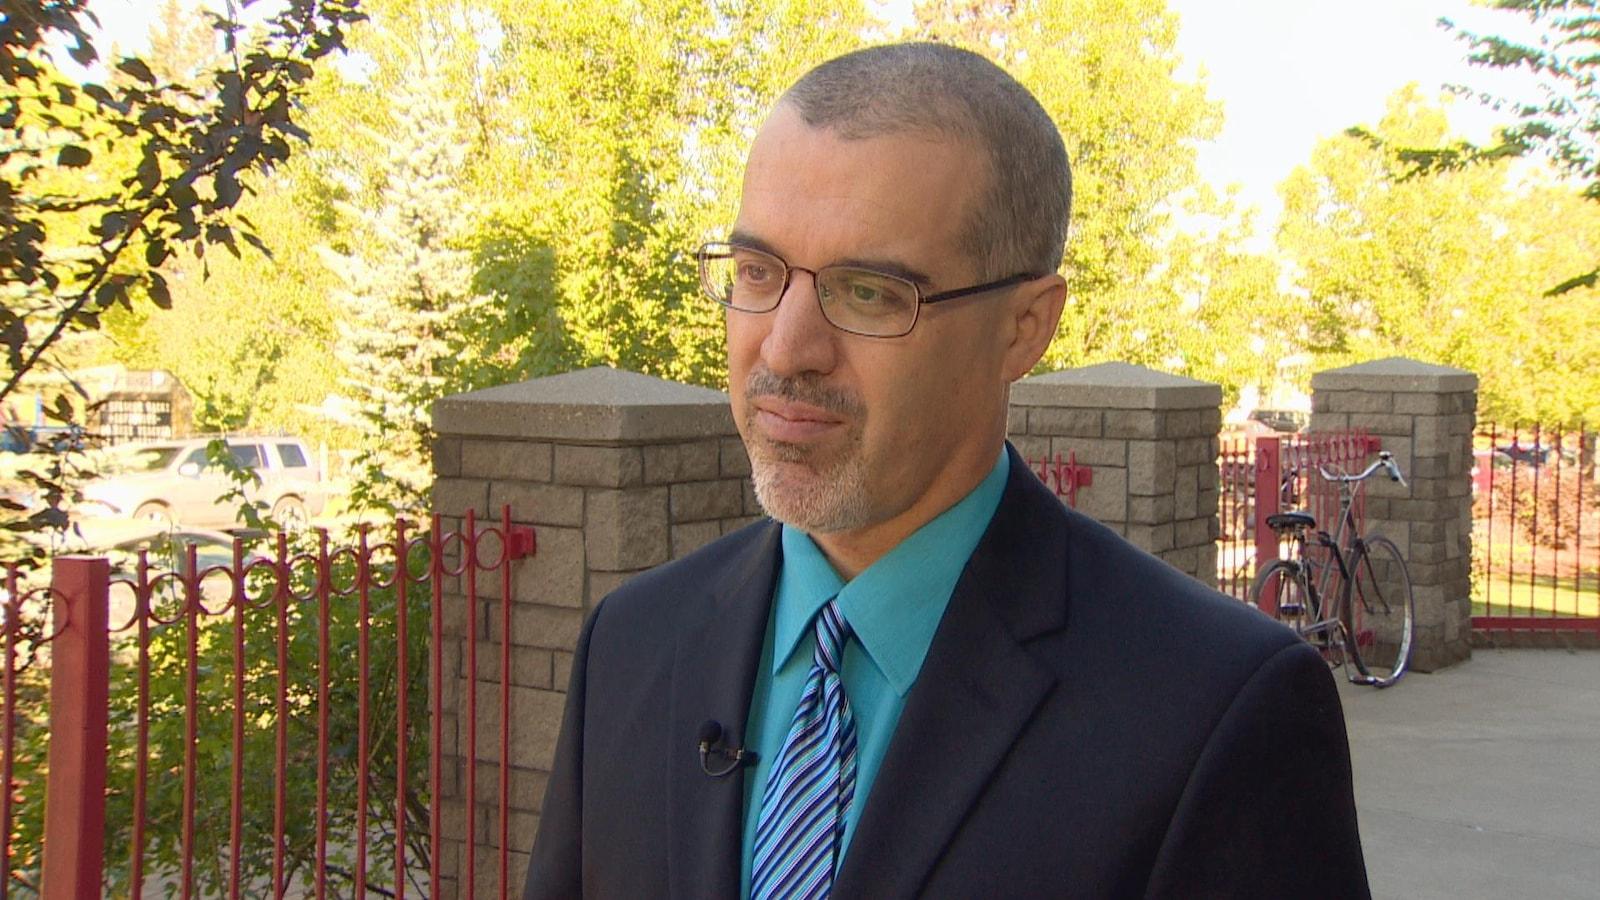 Étienne Alary parle au journaliste.